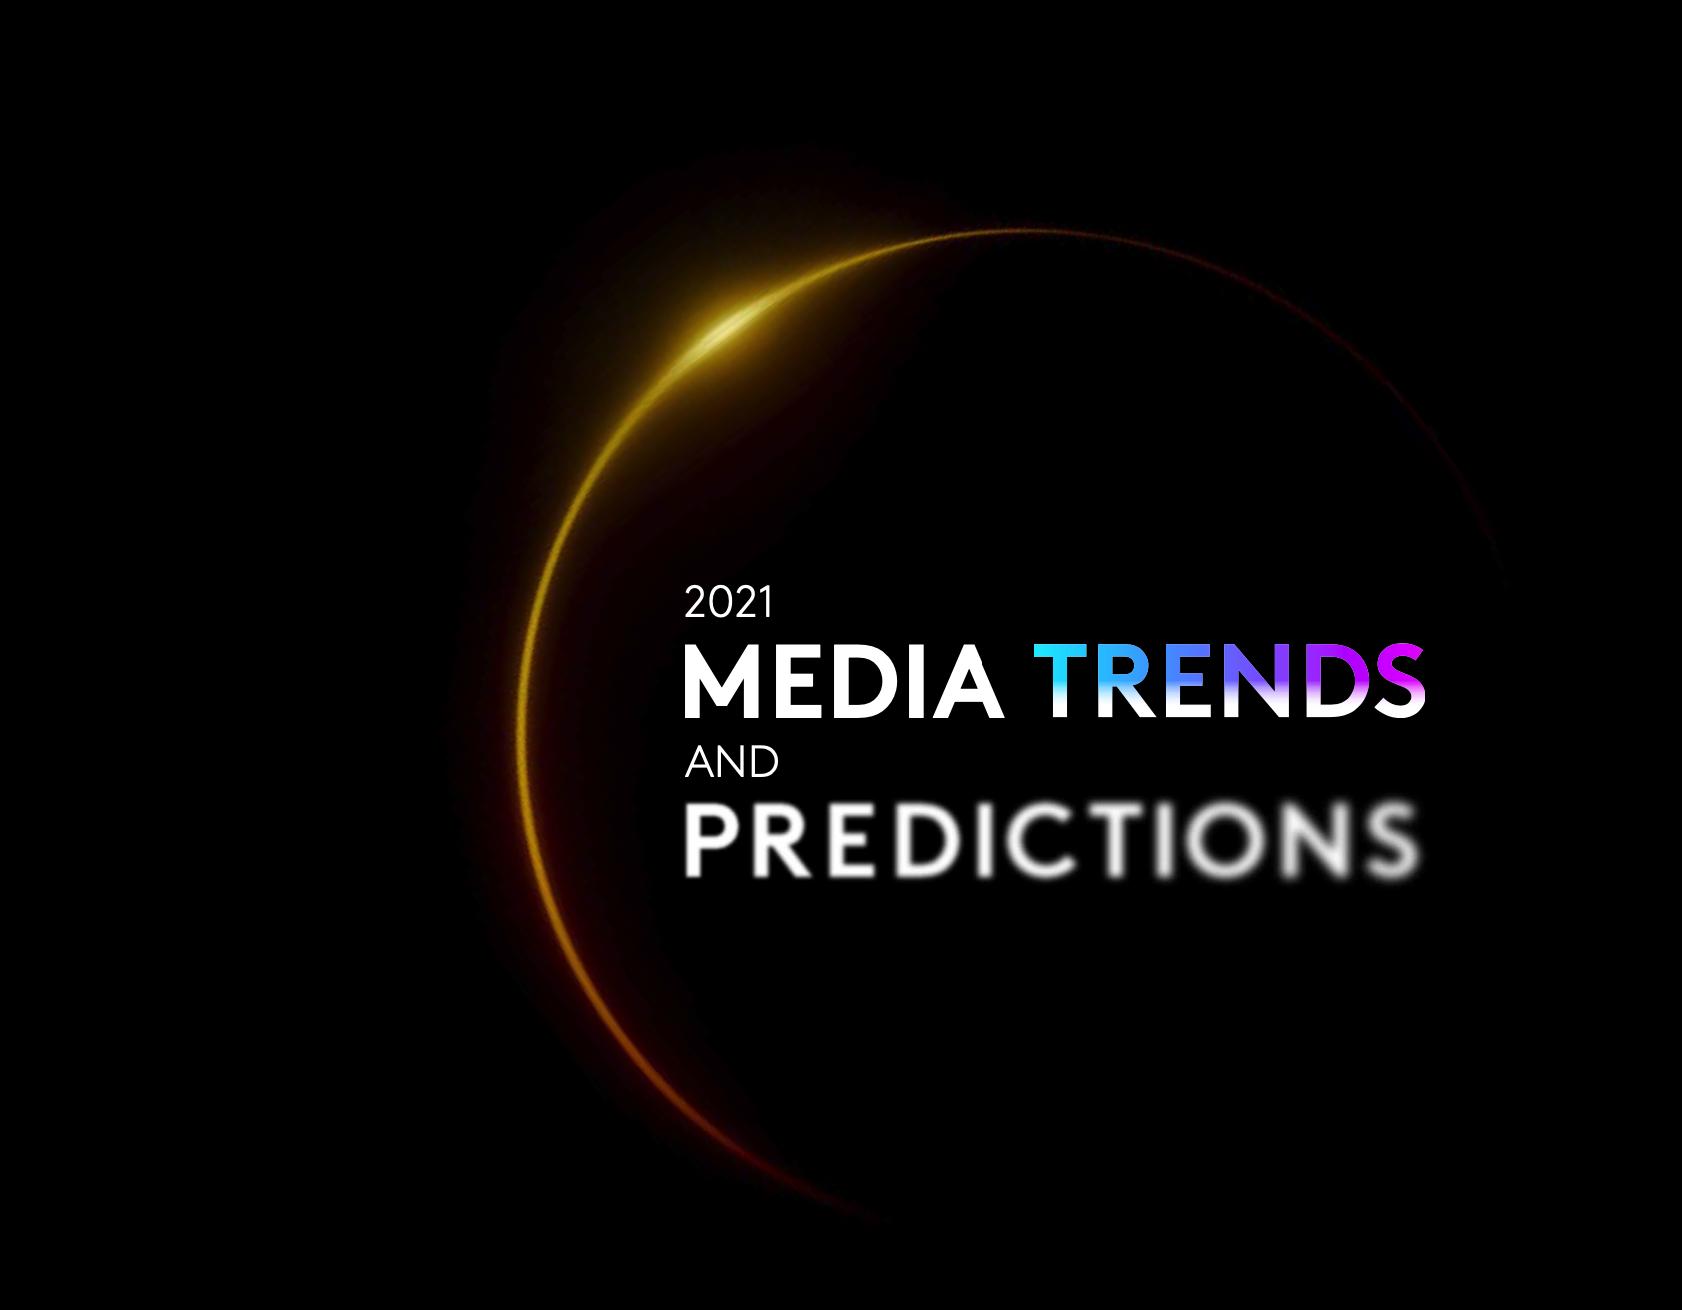 kantars-predictions-for-media-in-2021